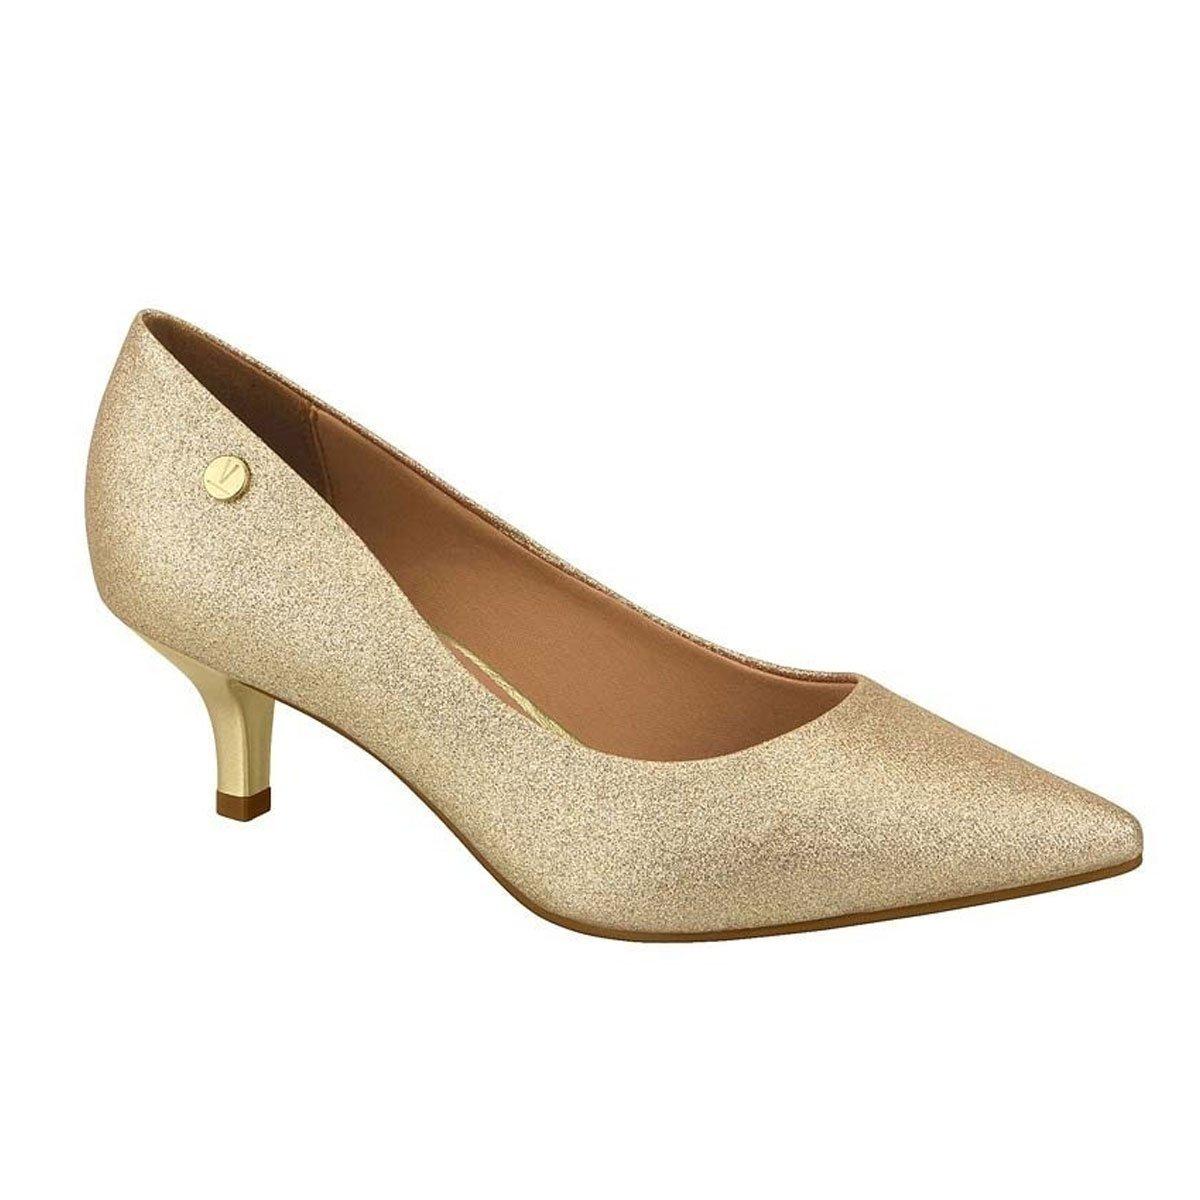 9a341966e Sapato Scarpin Dourado Glitter Salto Baixo Vizzano Dourado - MM Concept